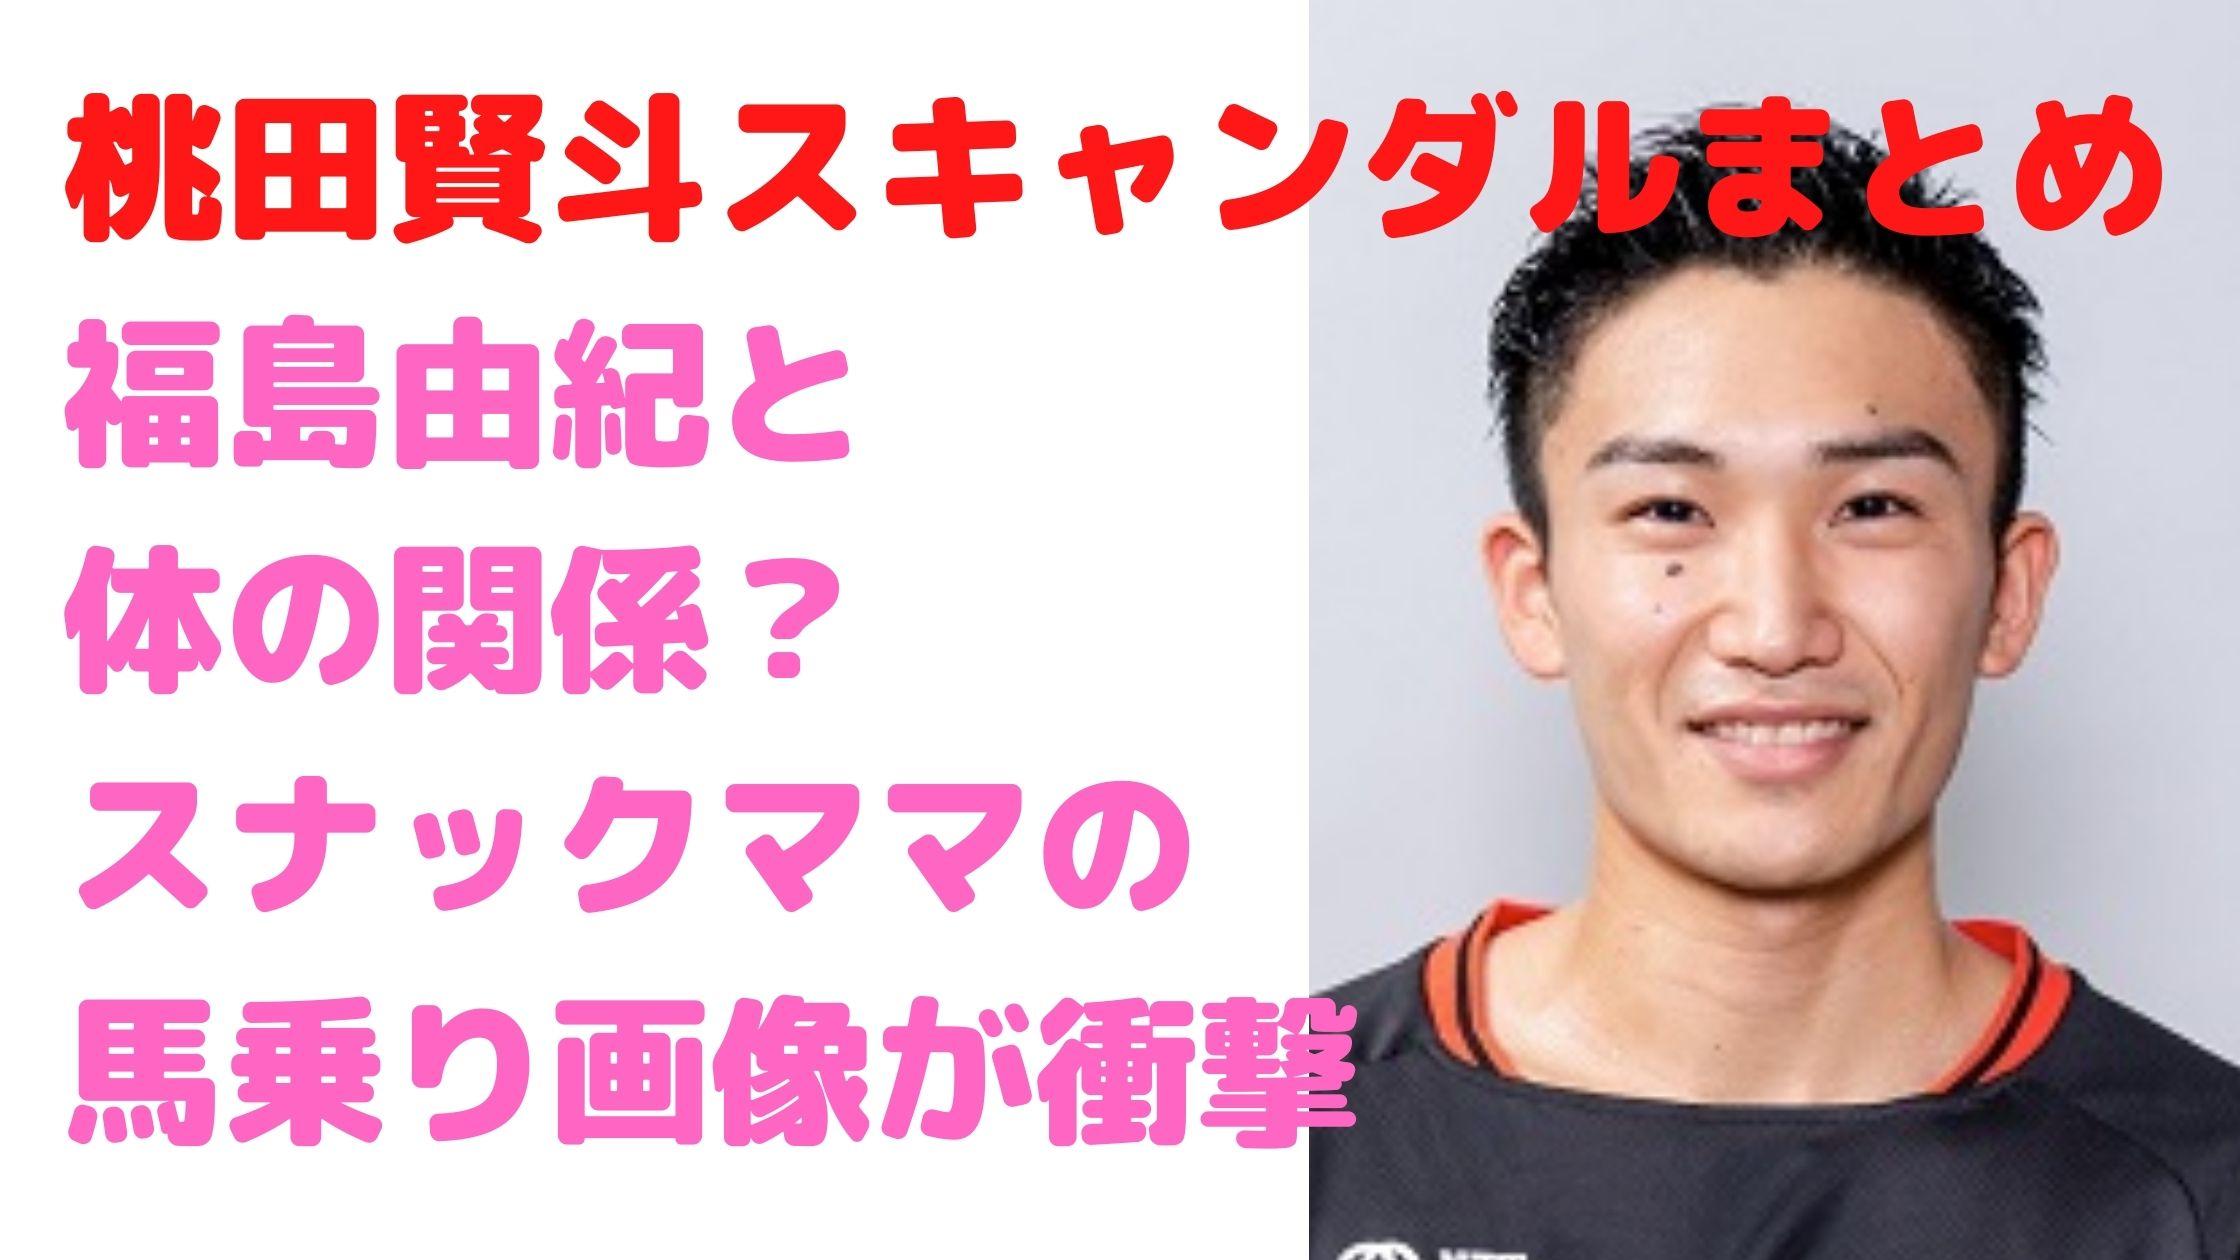 桃田賢斗 福島由紀 関係 結婚 スナックママ馬乗り画像 闇カジノ スキャンダル 事故 コロナ